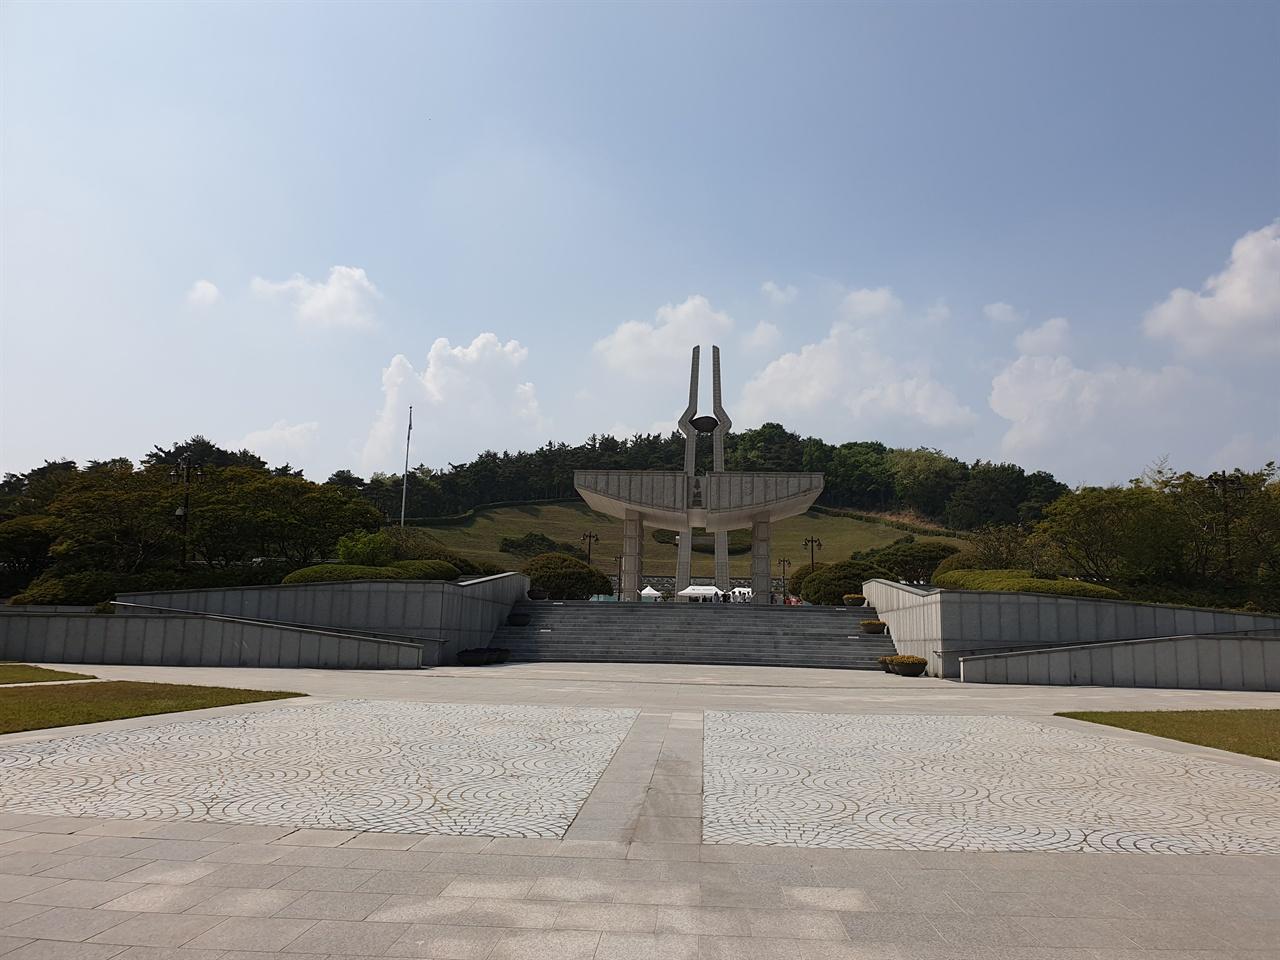 1980년 5월, 신군부의 총칼에 스러져간 광주시민들의 영혼들이 잠들어 있는 국립 5.18 민주묘지